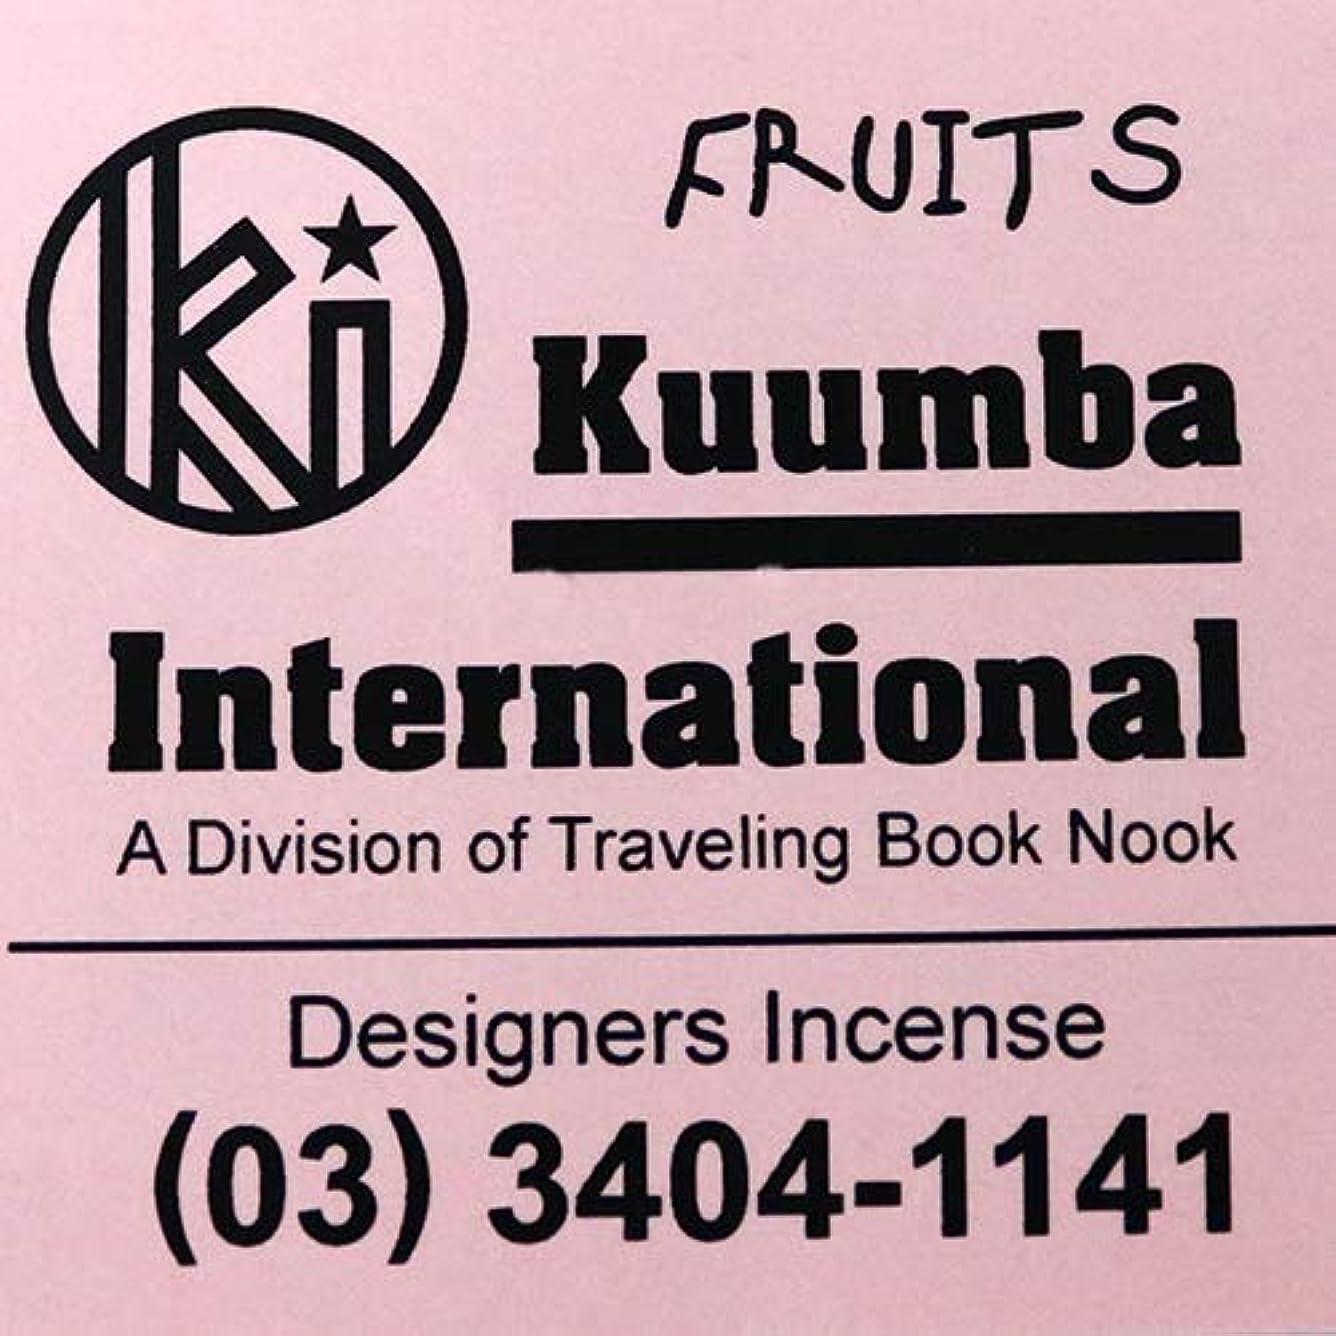 バラバラにする性交再発する(クンバ) KUUMBA『incense』(FRUITS) (FRUITS, Regular size)